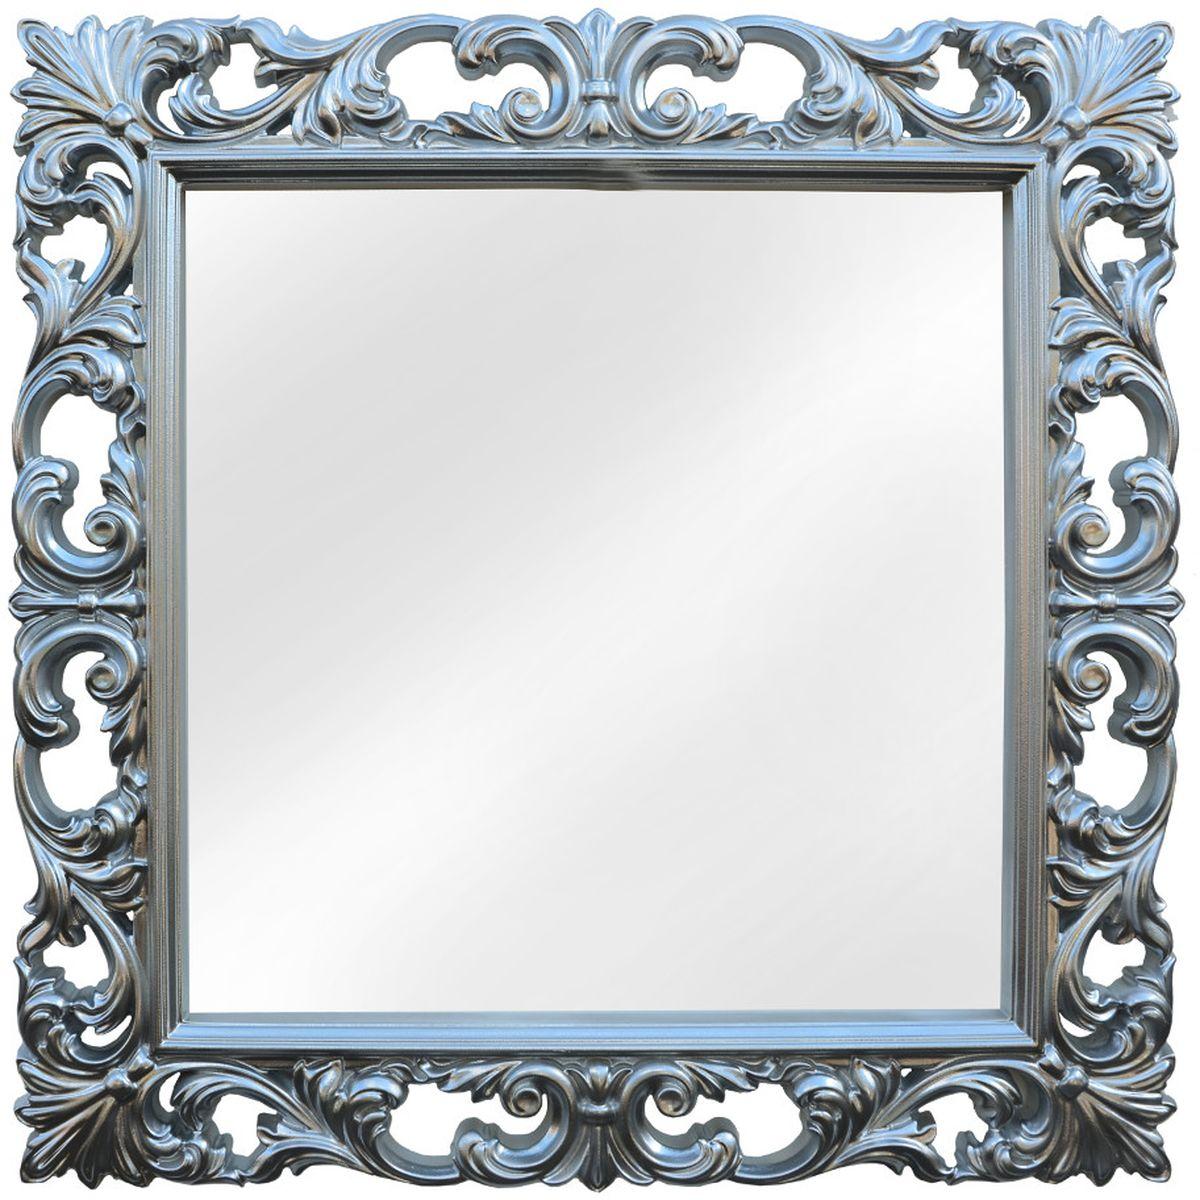 Зеркало VezzoLLi Нованто, цвет: серый металлик, 90 х 90 см54 009312Подвесы в комплекте. Видимый размер зеркала 63х63 см. Ширина обрамления 13,5 см.